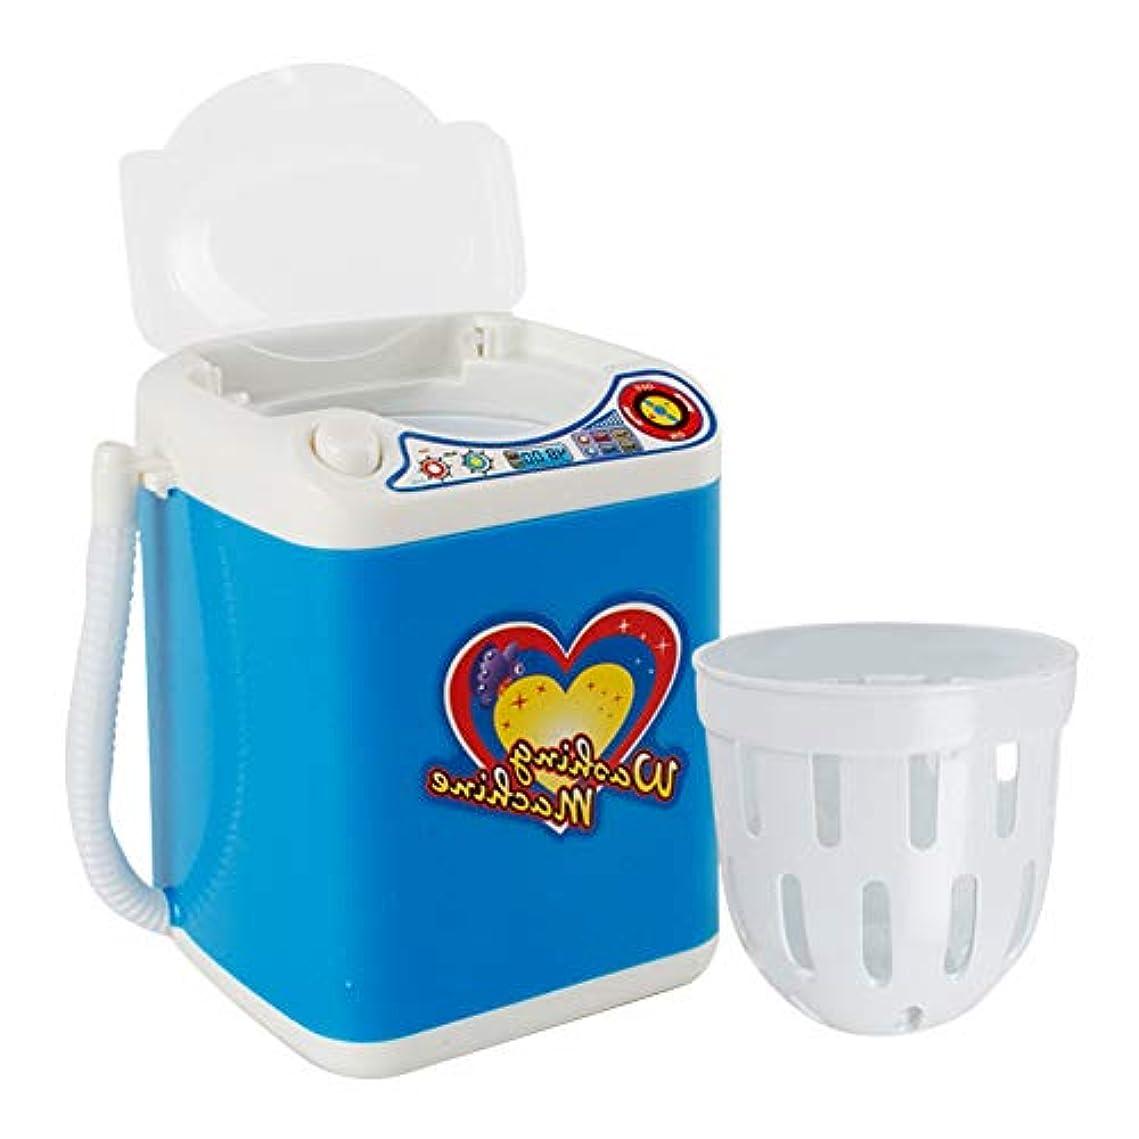 ビジネス陰気袋メイクアップブラシクリーナースピナーマシン - 電子ミニ洗濯機形状自動化粧ブラシクリーナー乾燥ブラシ、スポンジとパウダーパフのためのディープクリーニング(青)